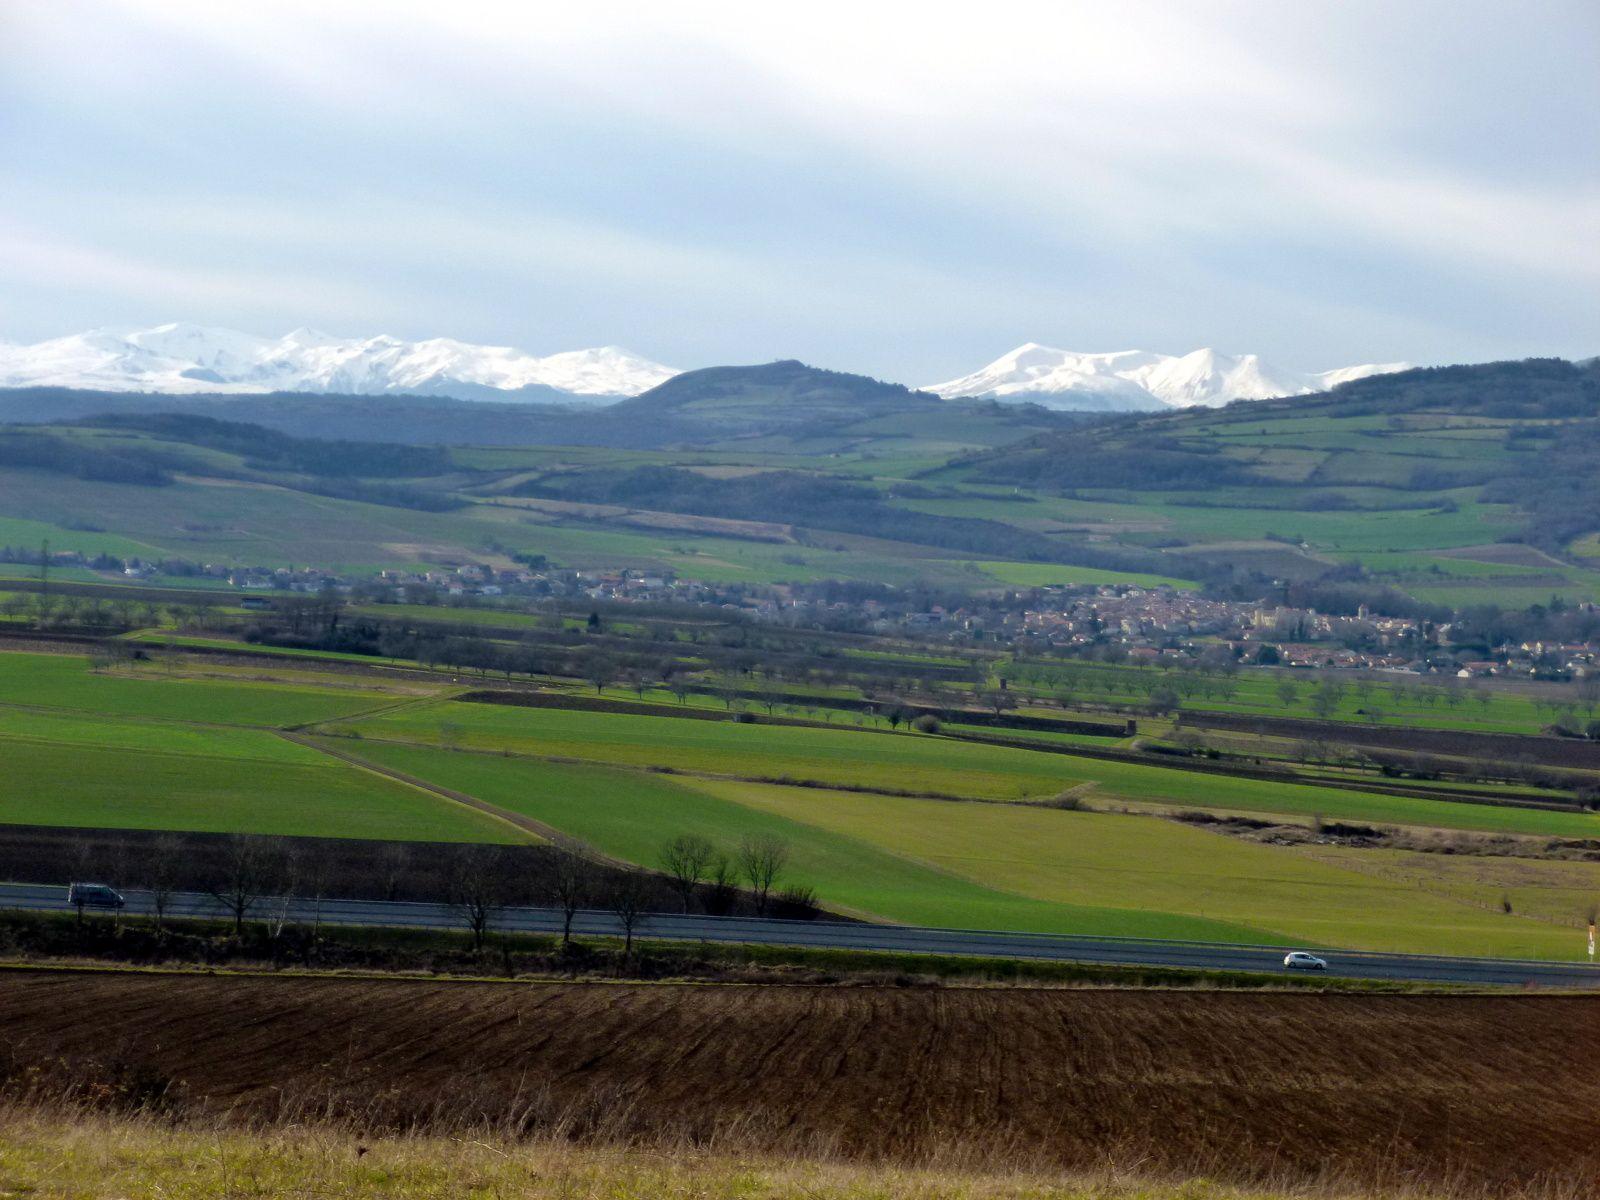 Le massif du Sancy est bien enneigé, c'est beau.